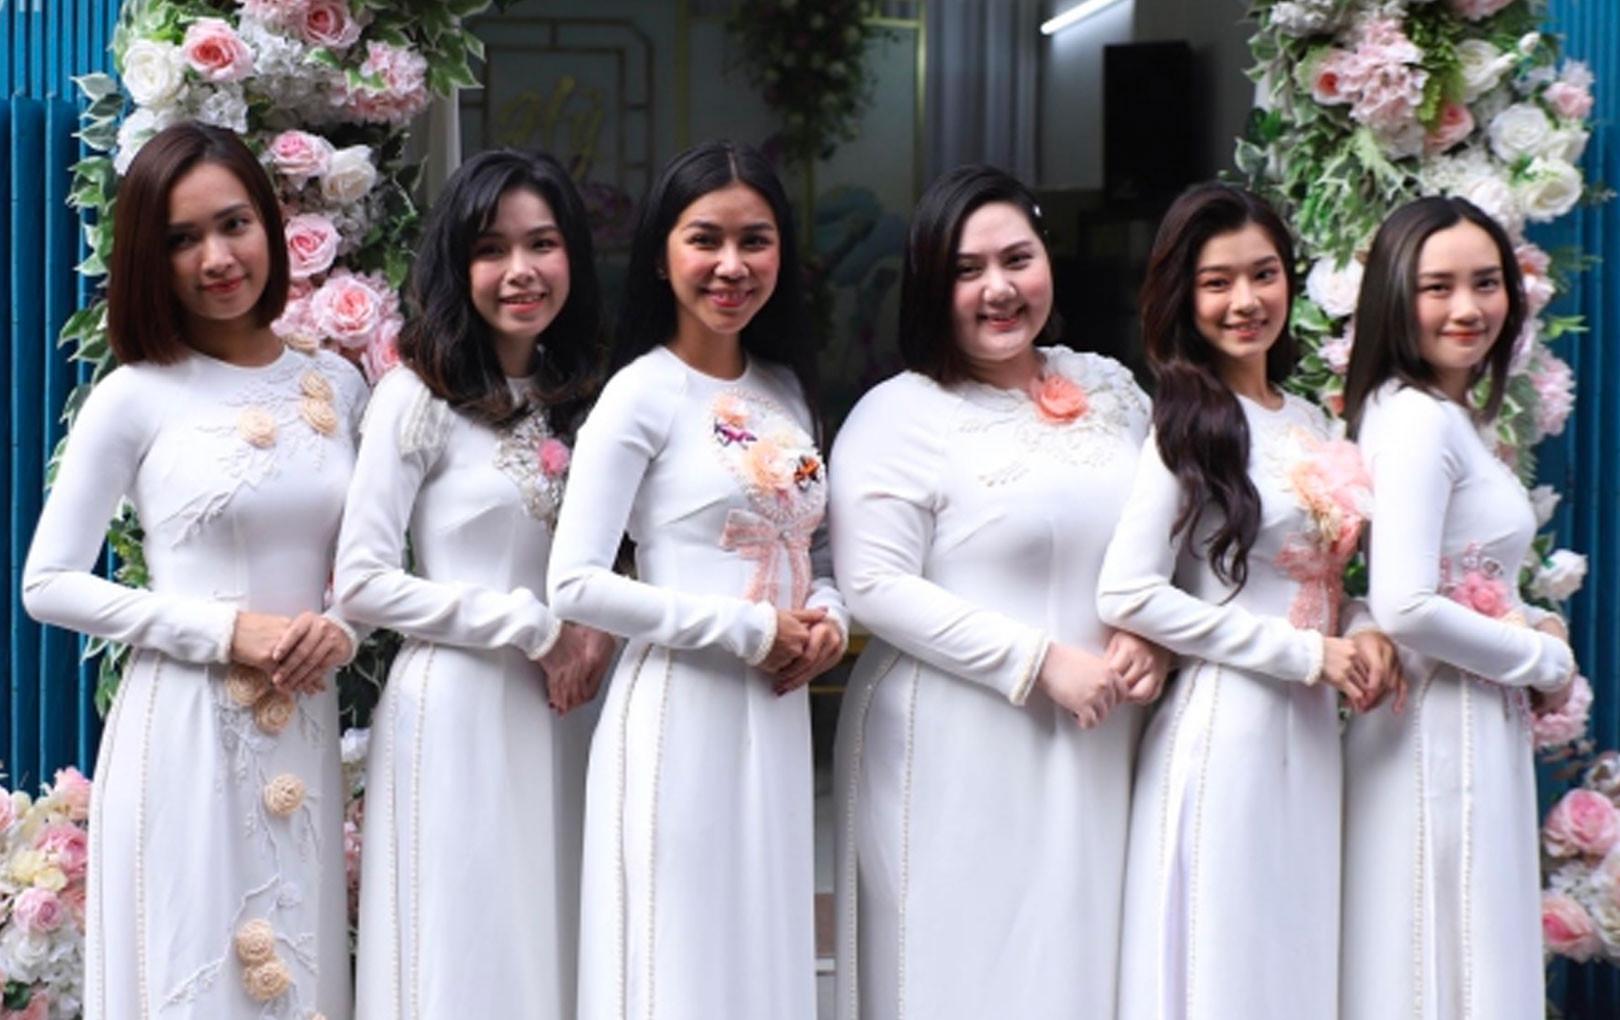 Hoàng Yến Chibi, Ái Phương và dàn phù dâu xinh đẹp trong đám cưới Hoàng Oanh